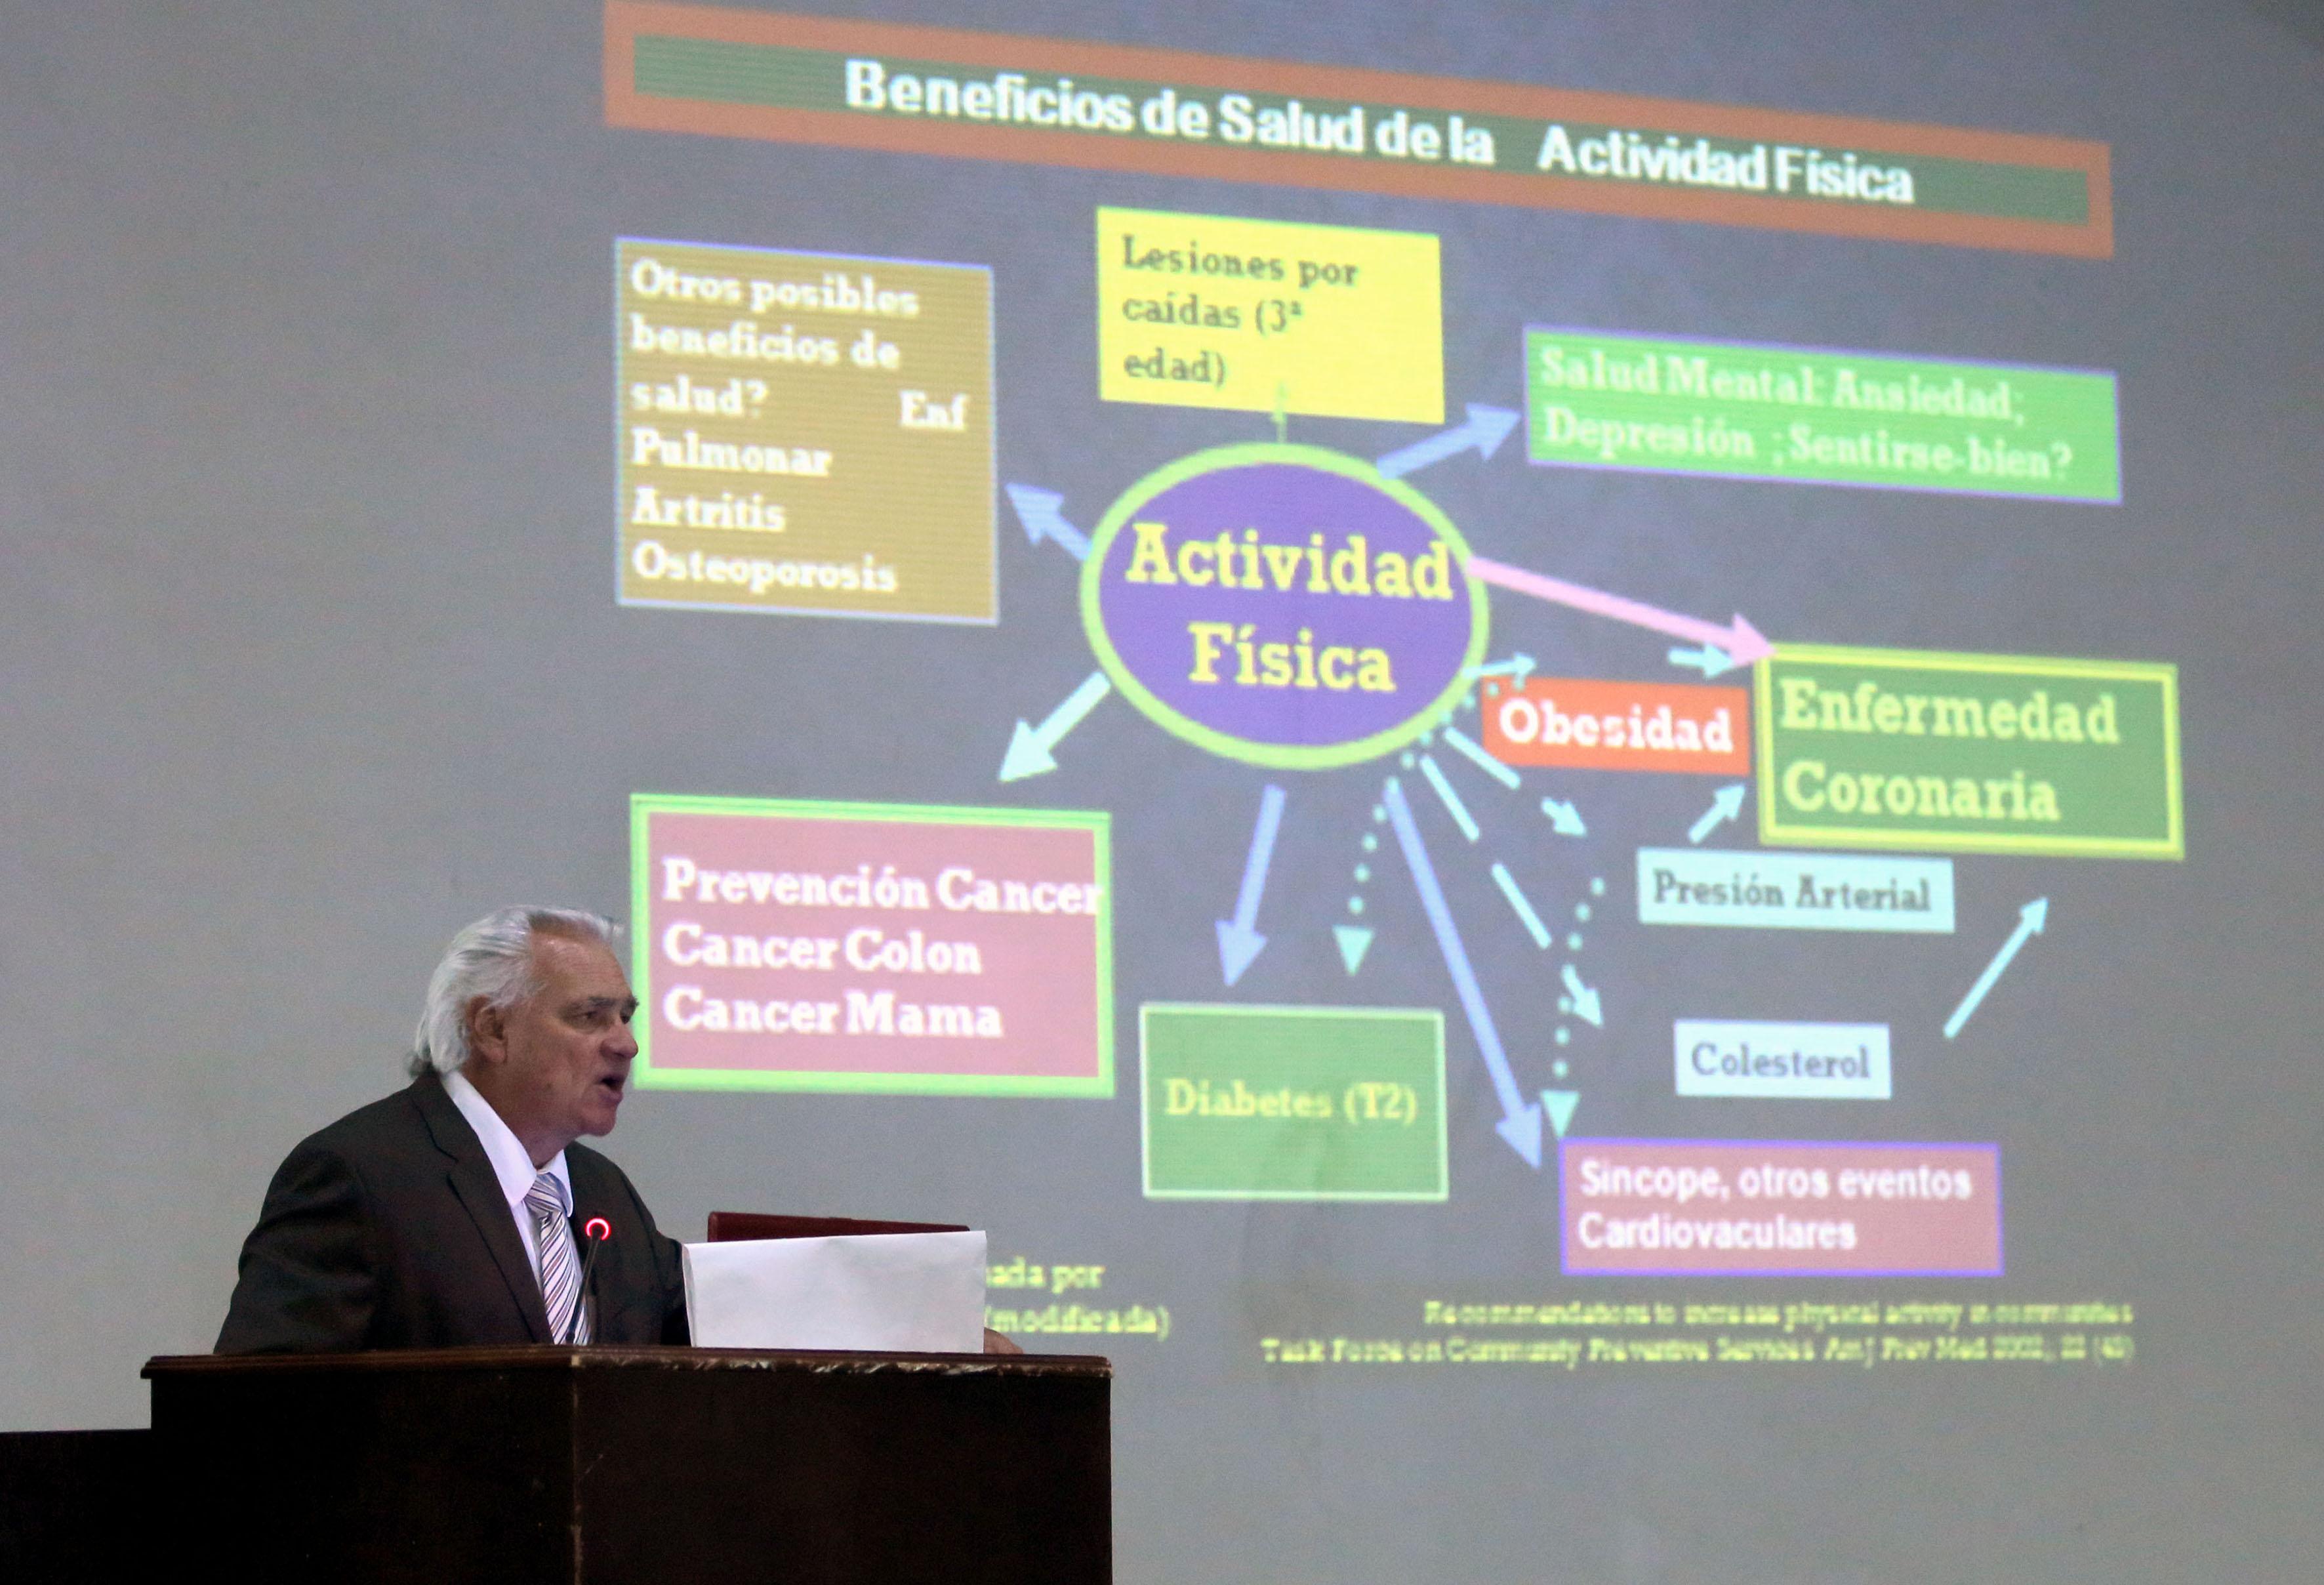 Doctor Juan Ricardo López Taylor, director del Instituto de Ciencias Aplicadas a la Actividad Física y al Deporte Presentando esquema de beneficios de salud de la actividad fisica